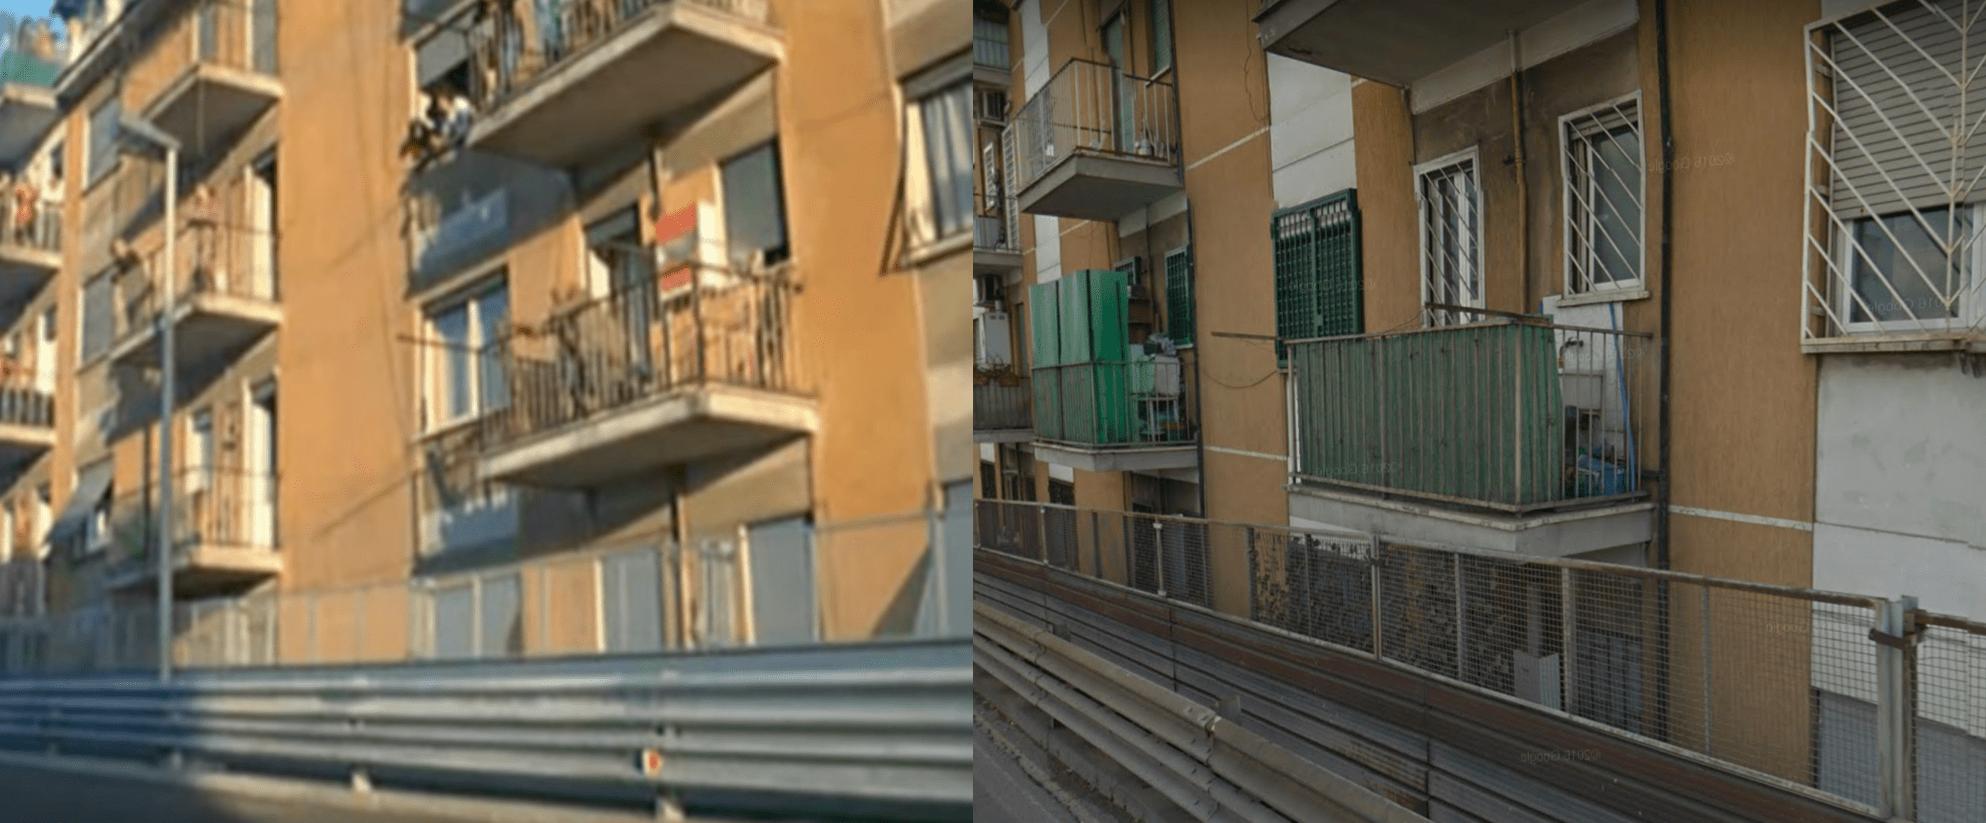 balcone fantozzi vero